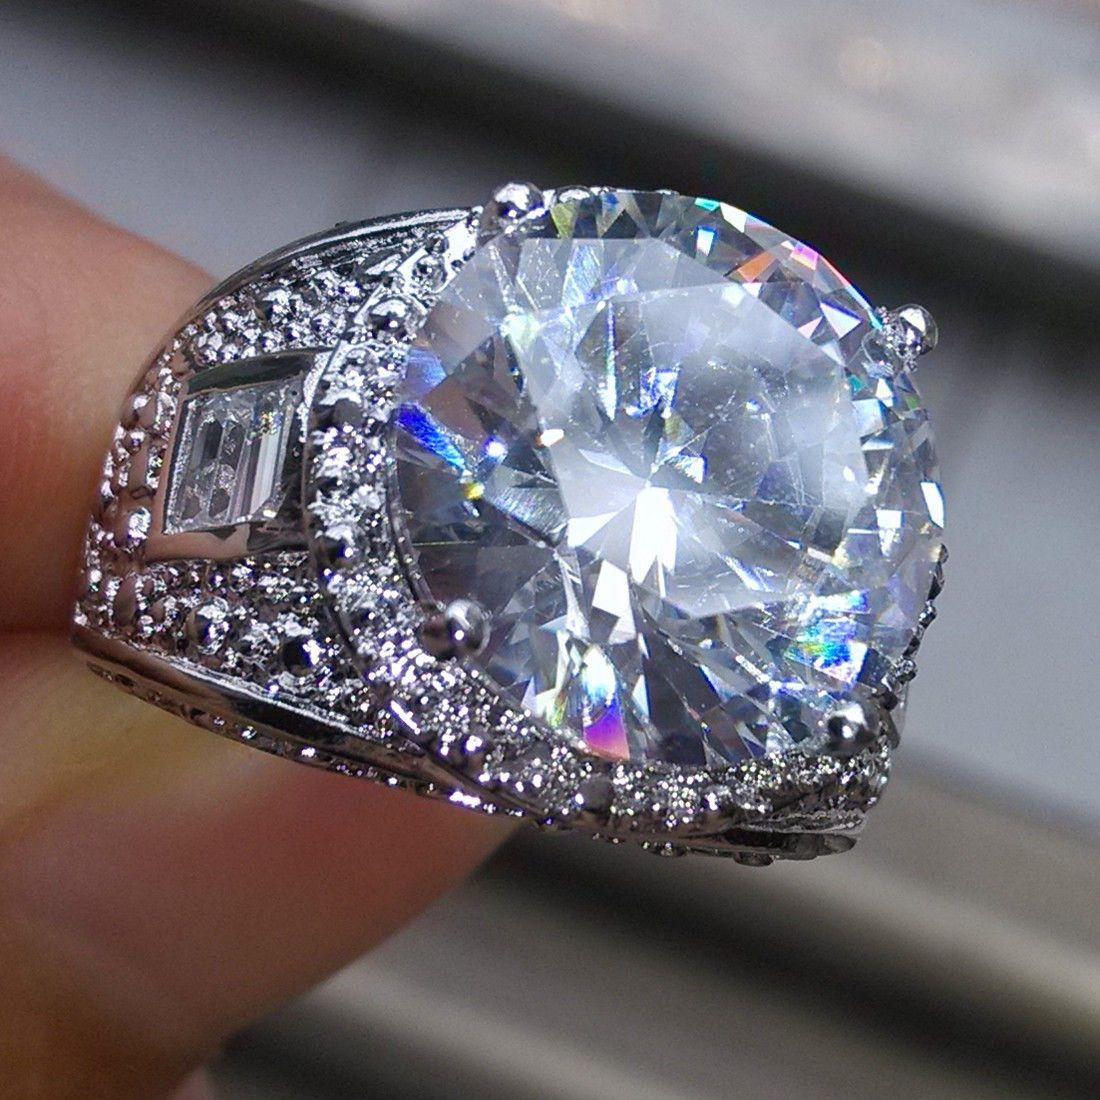 5Ct rozmiar 9/10 / 11zelry Zestaw 18kt biały złoty wypełniony biały topaz Gemstones CZ Diamond Mężczyźni Diamondque Band Wedding Band Pierścień do Prezent Kochanka